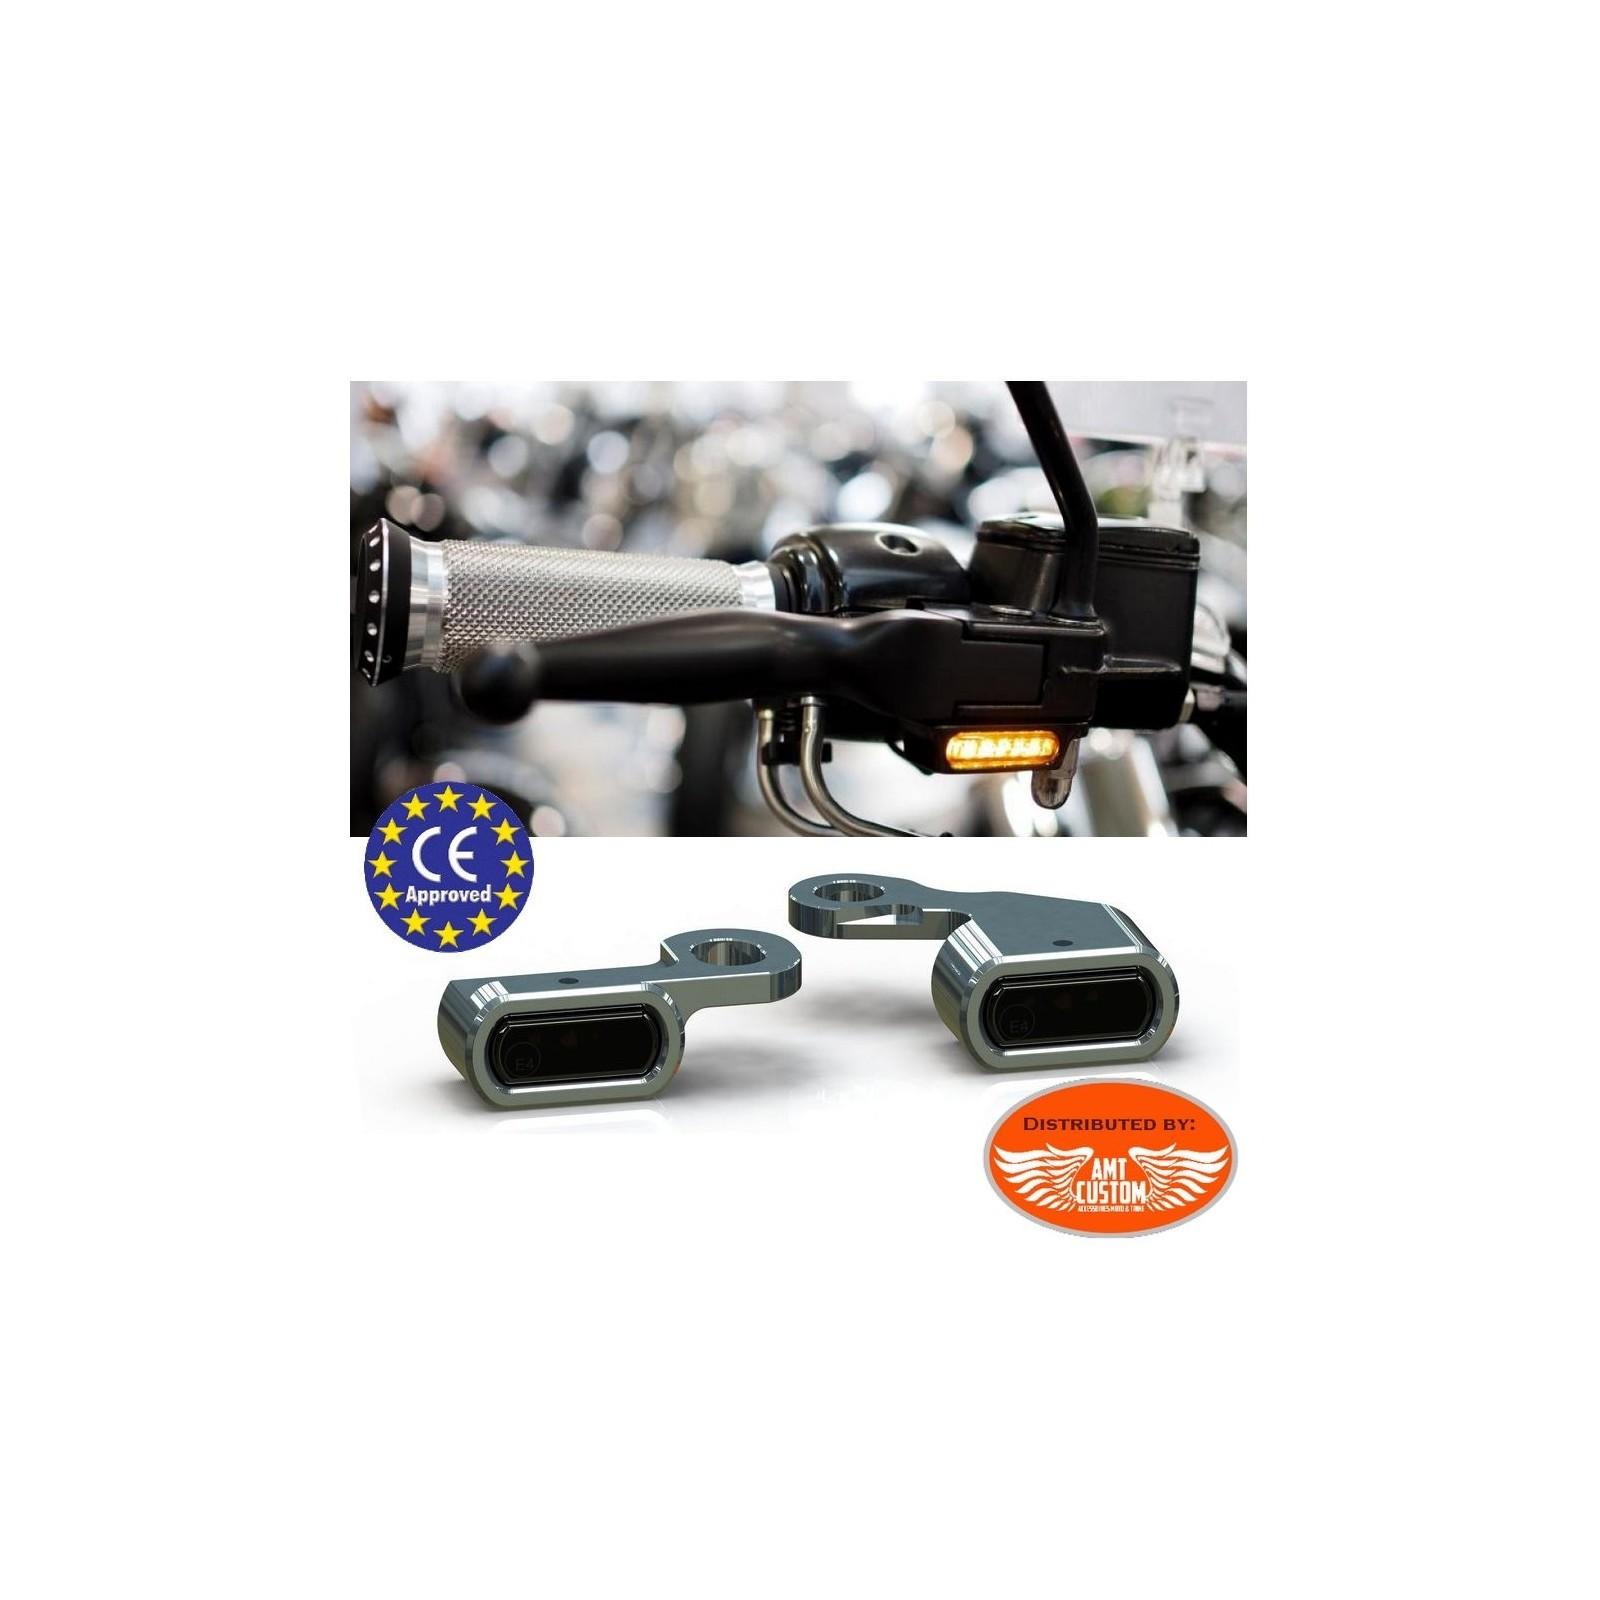 Clignotants Montage Plaques Mini clignotants D 5 pour tous Harley Davidson Modèles Softail